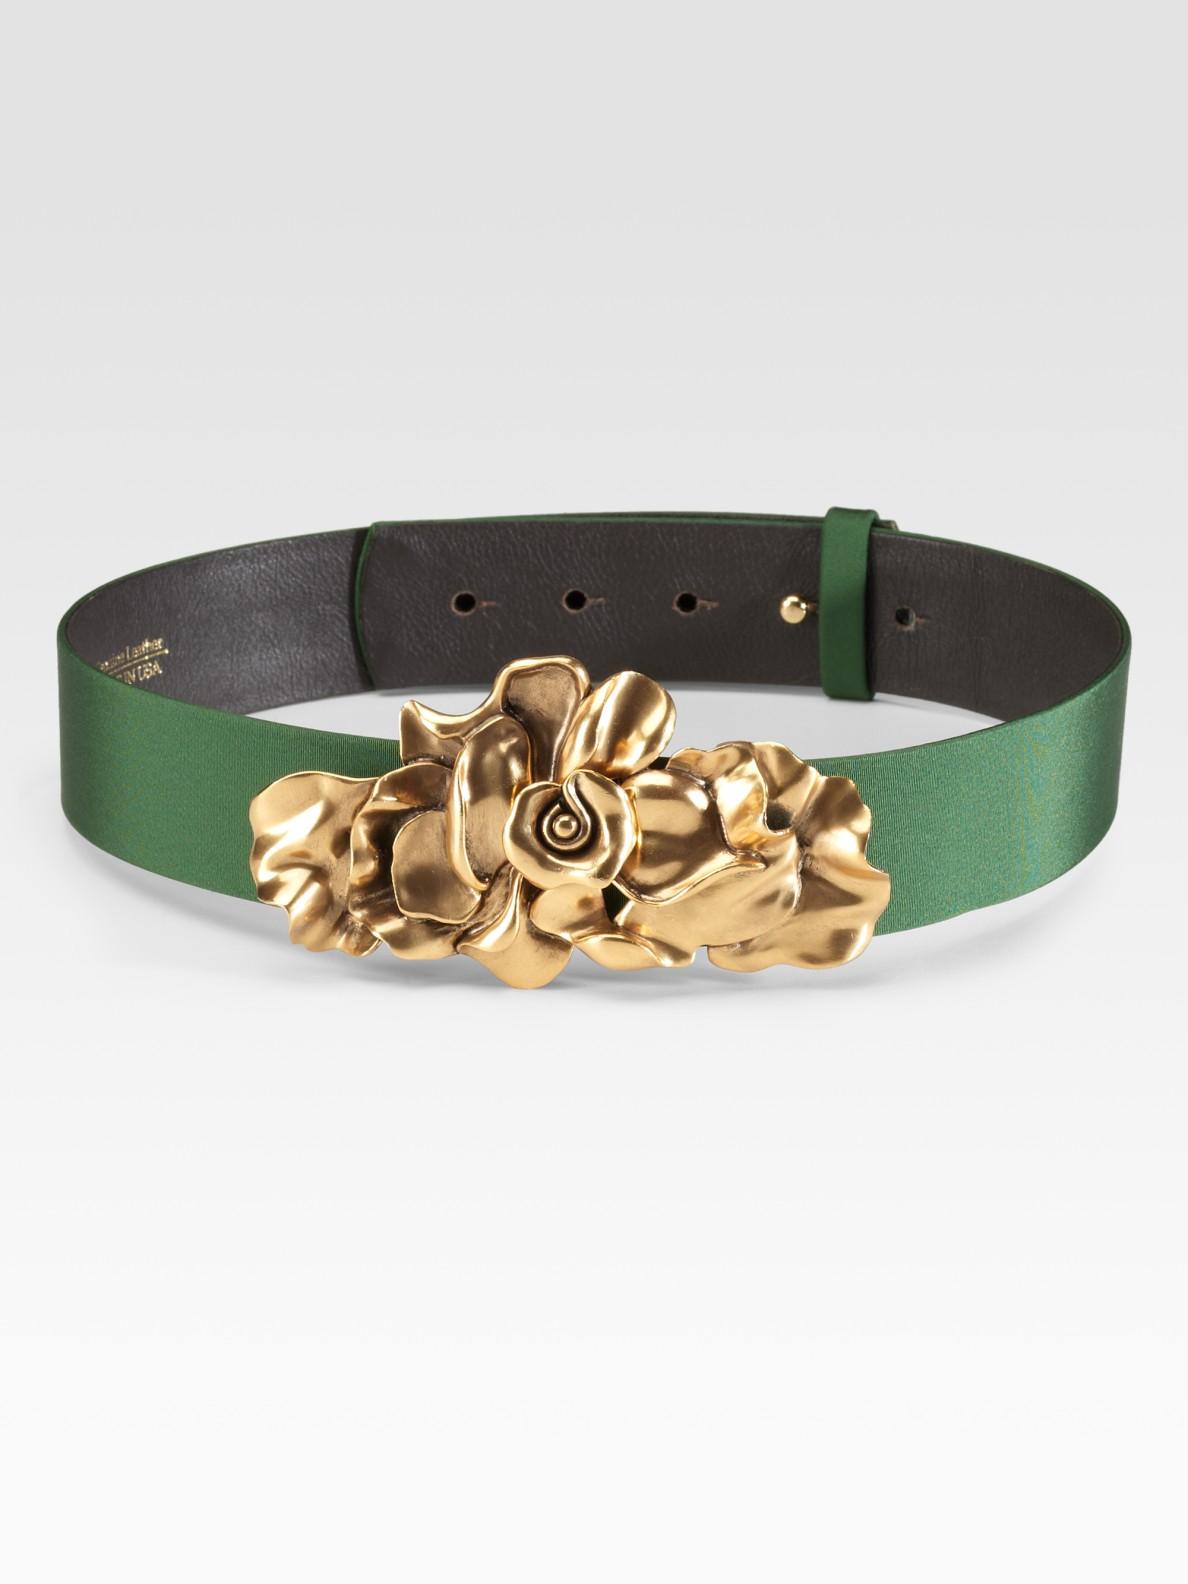 Small Leather Goods - Belts Oscar De La Renta rZdGP